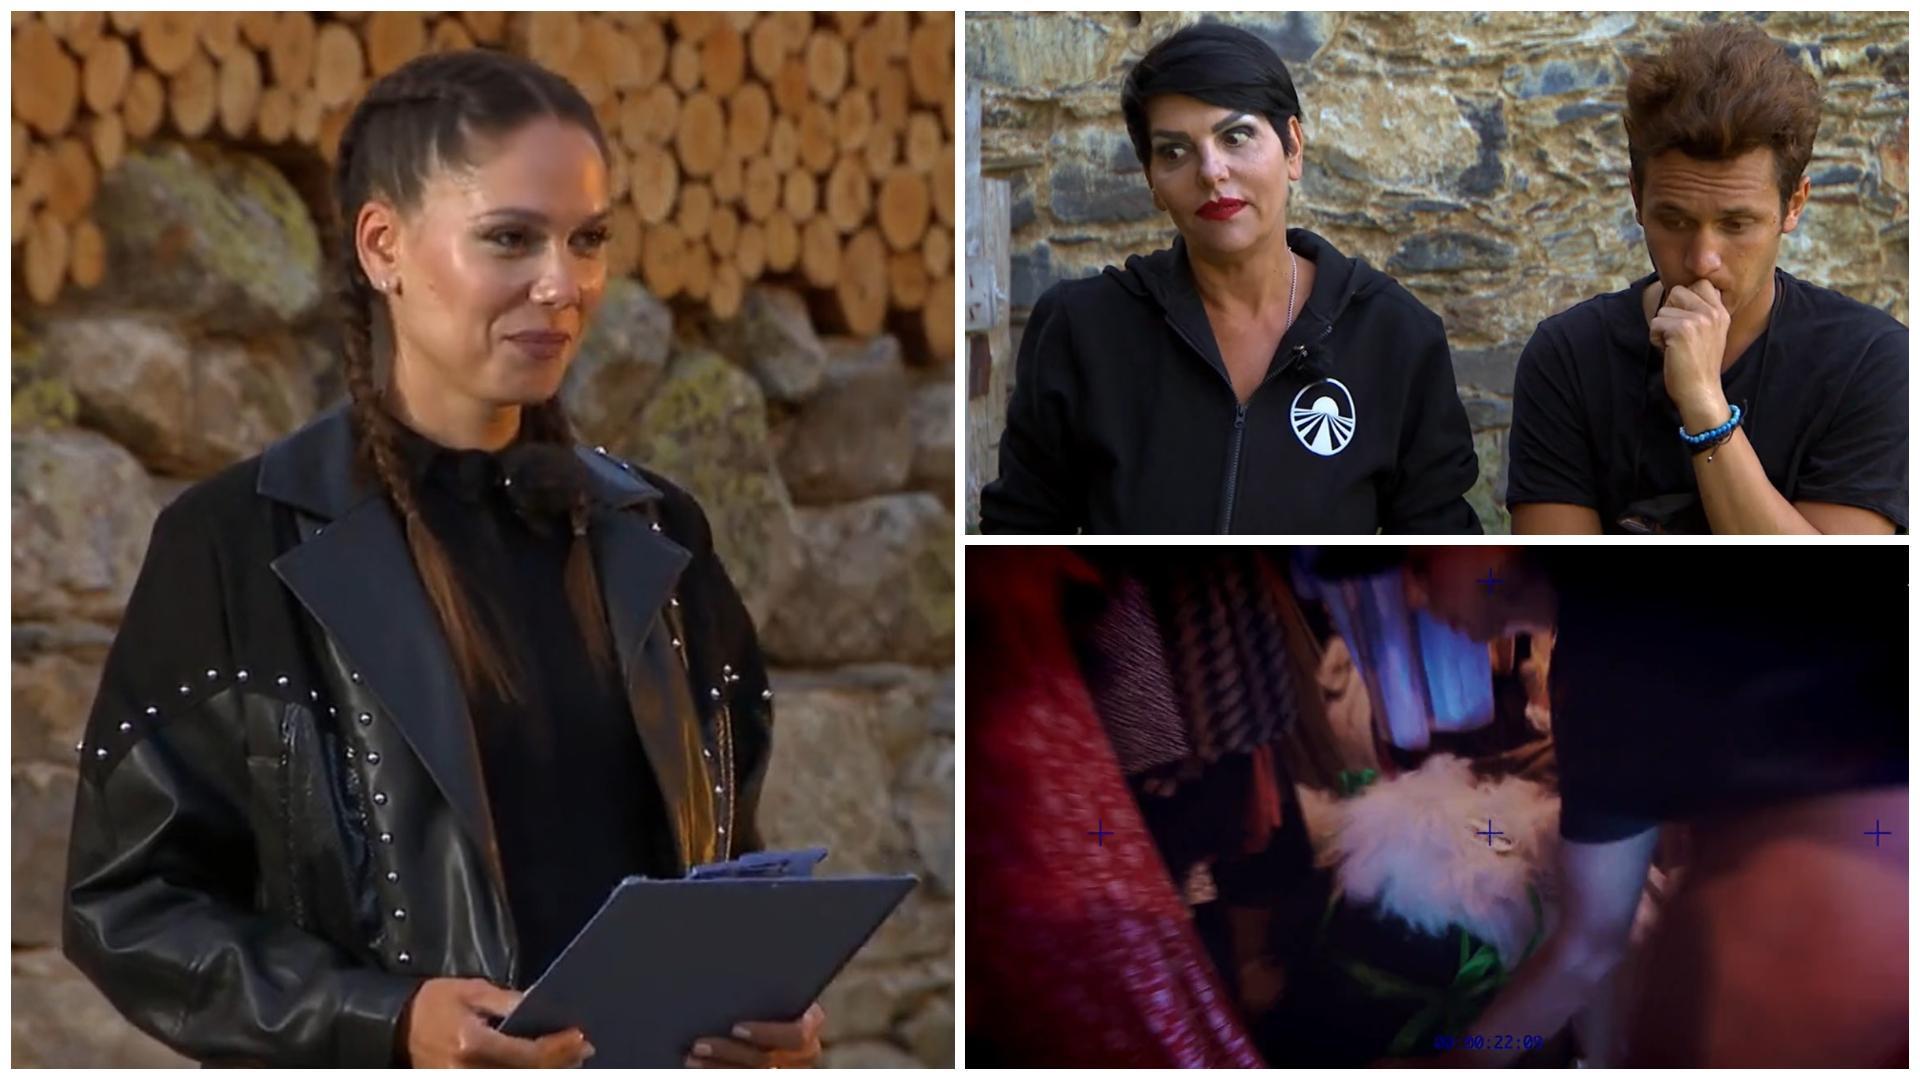 Asia Express, 24 octombrie 2021. Cosmin și Eliza Natanticu au ascuns costumul tradițional pe care Patrizia și Francesco îl căutau